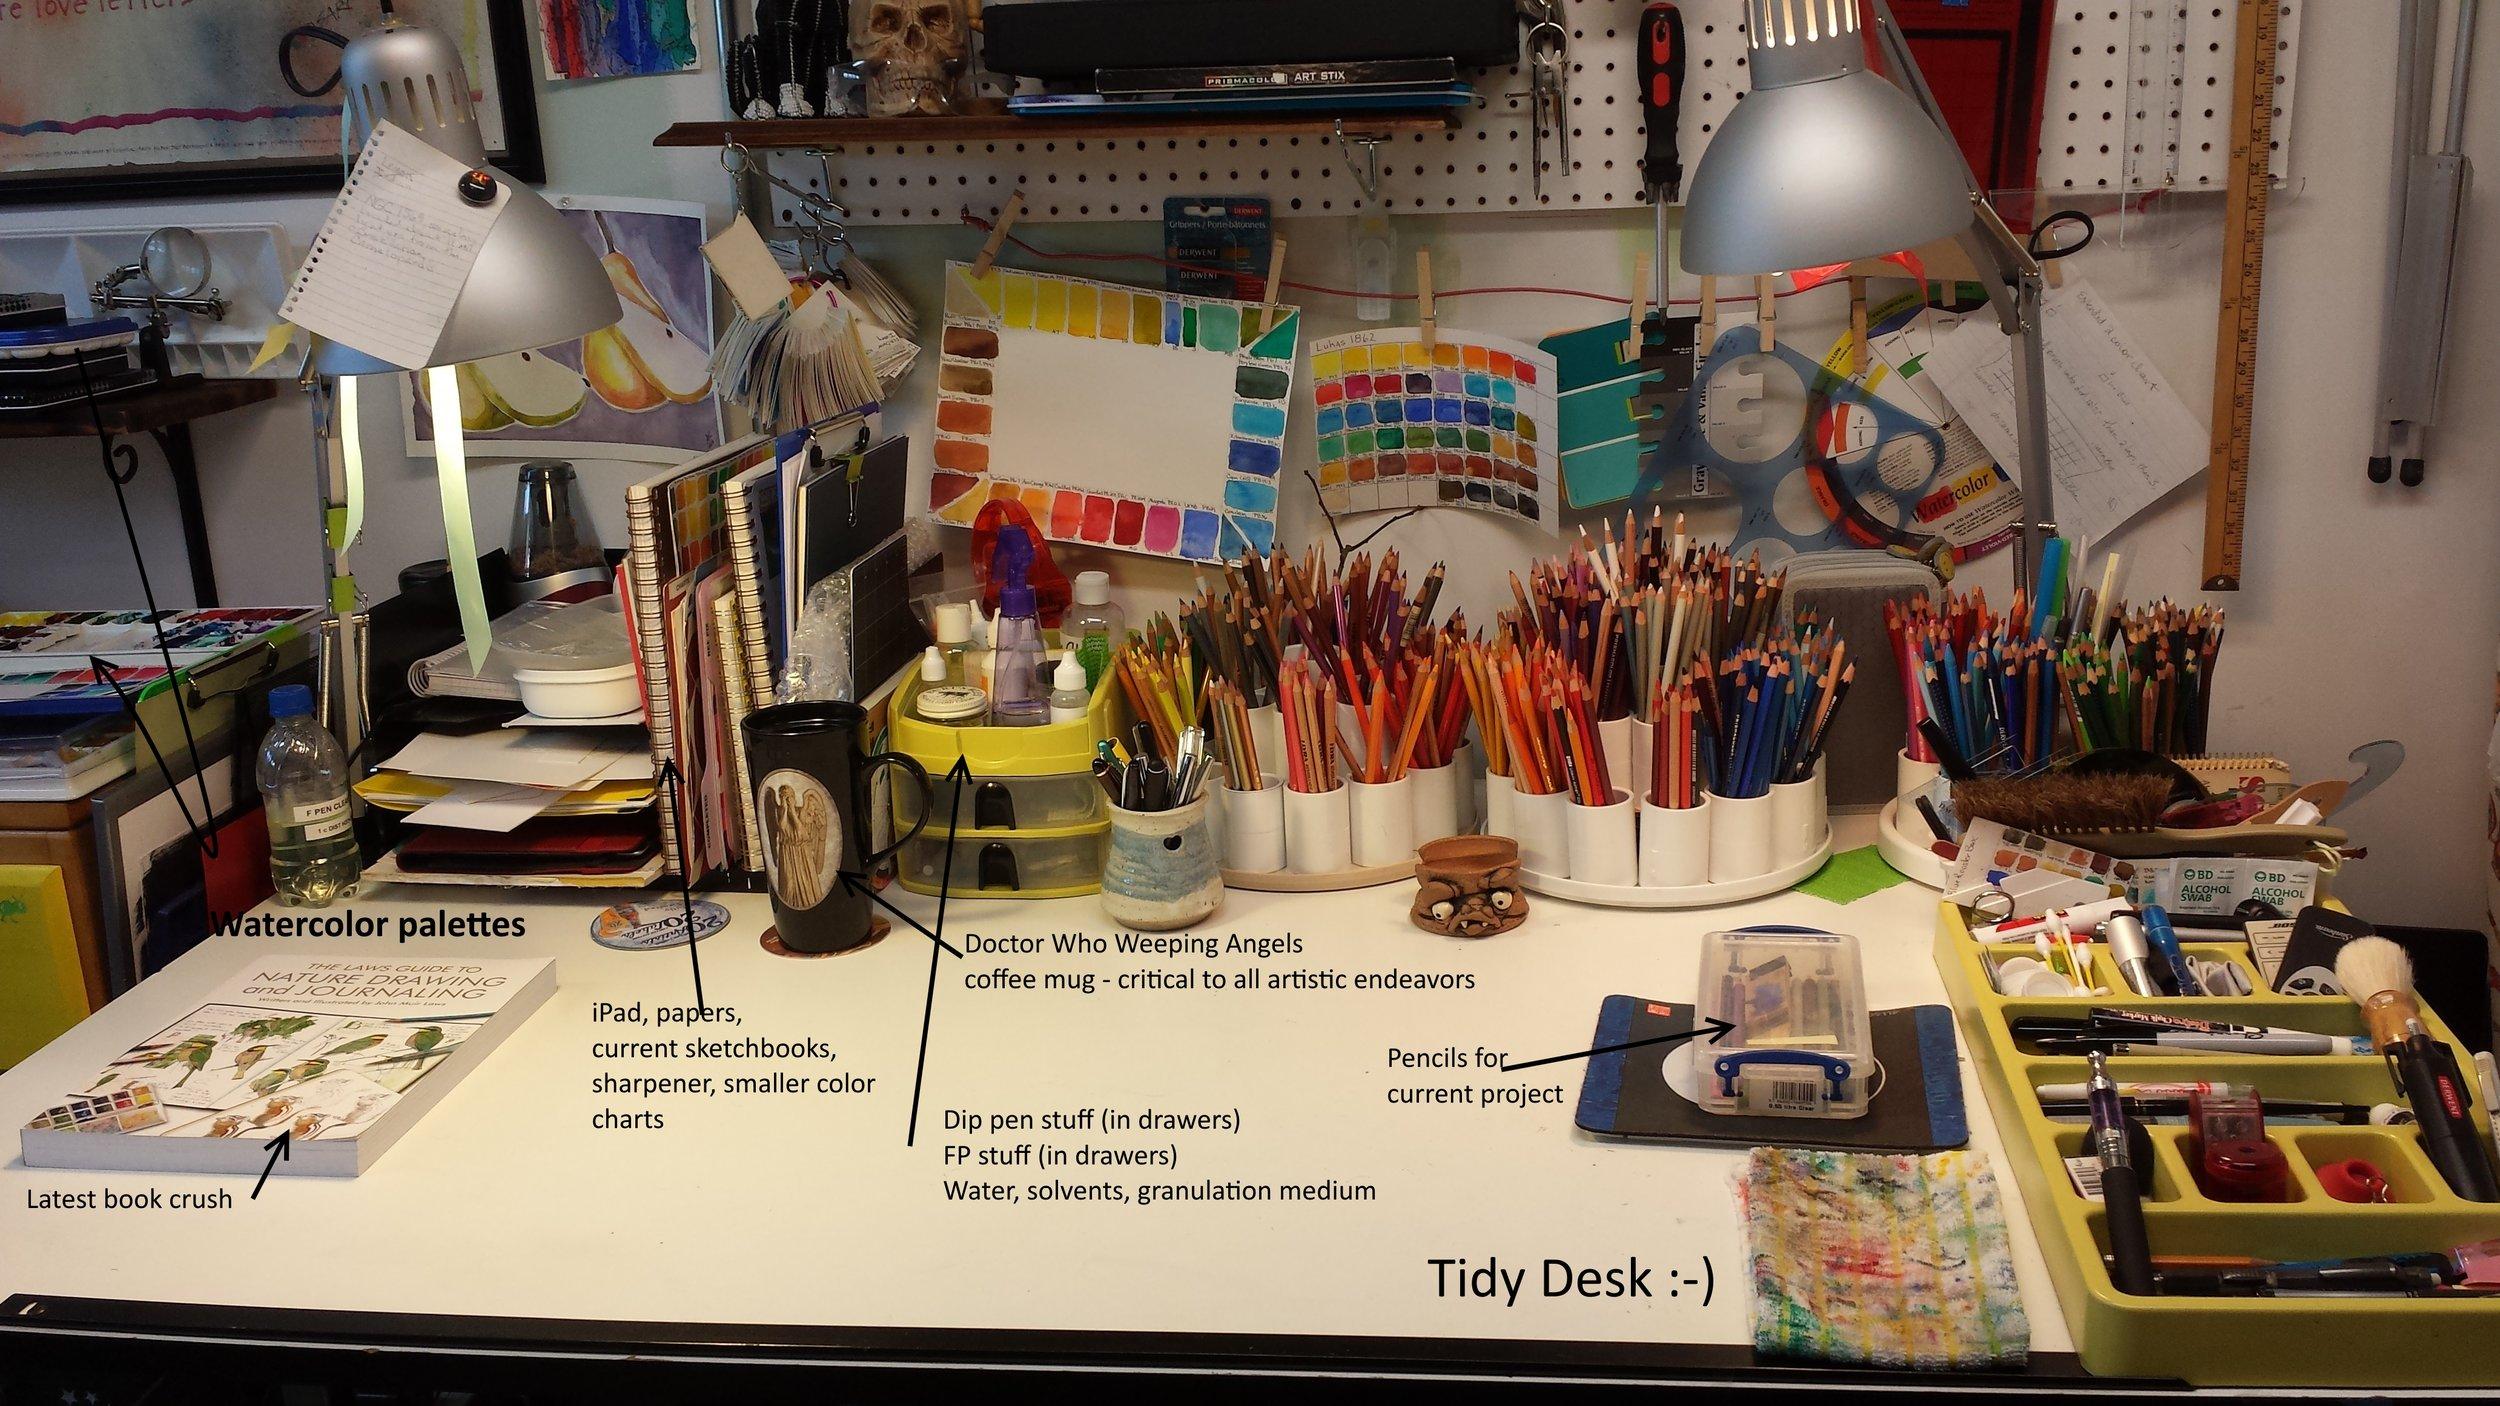 Ali C's Tidy Desk